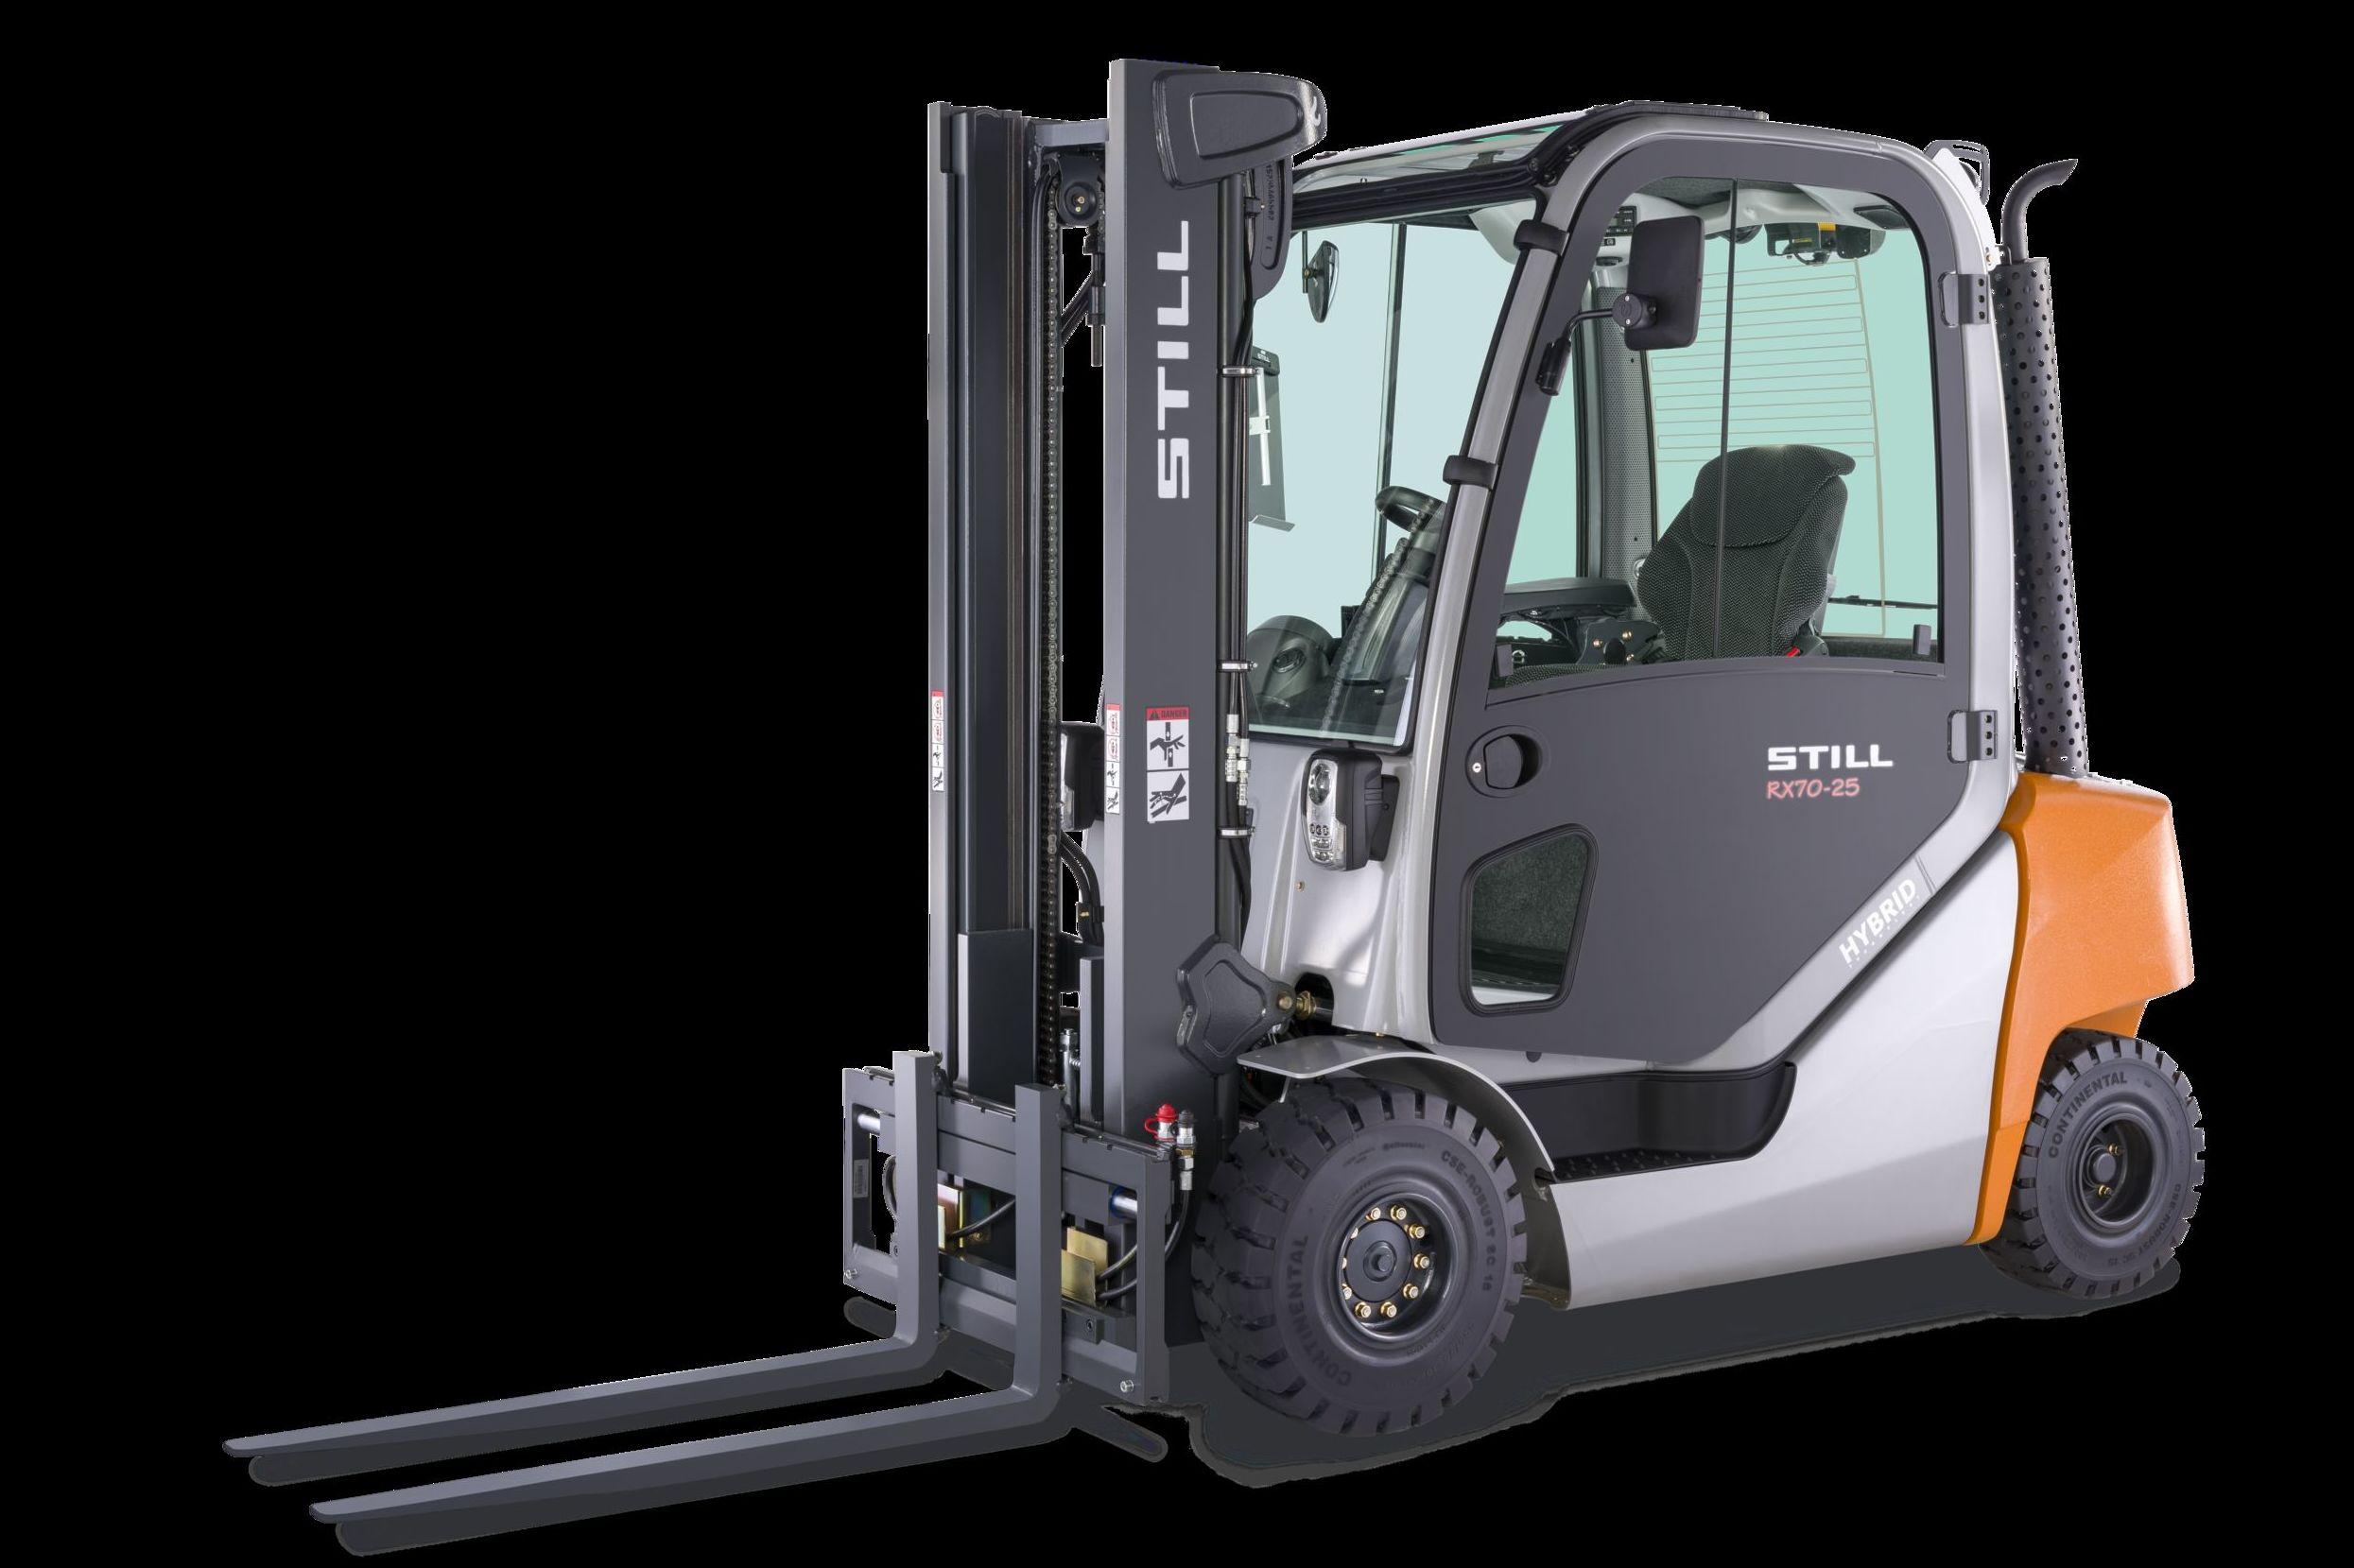 STILL RX 70 2,-3.5